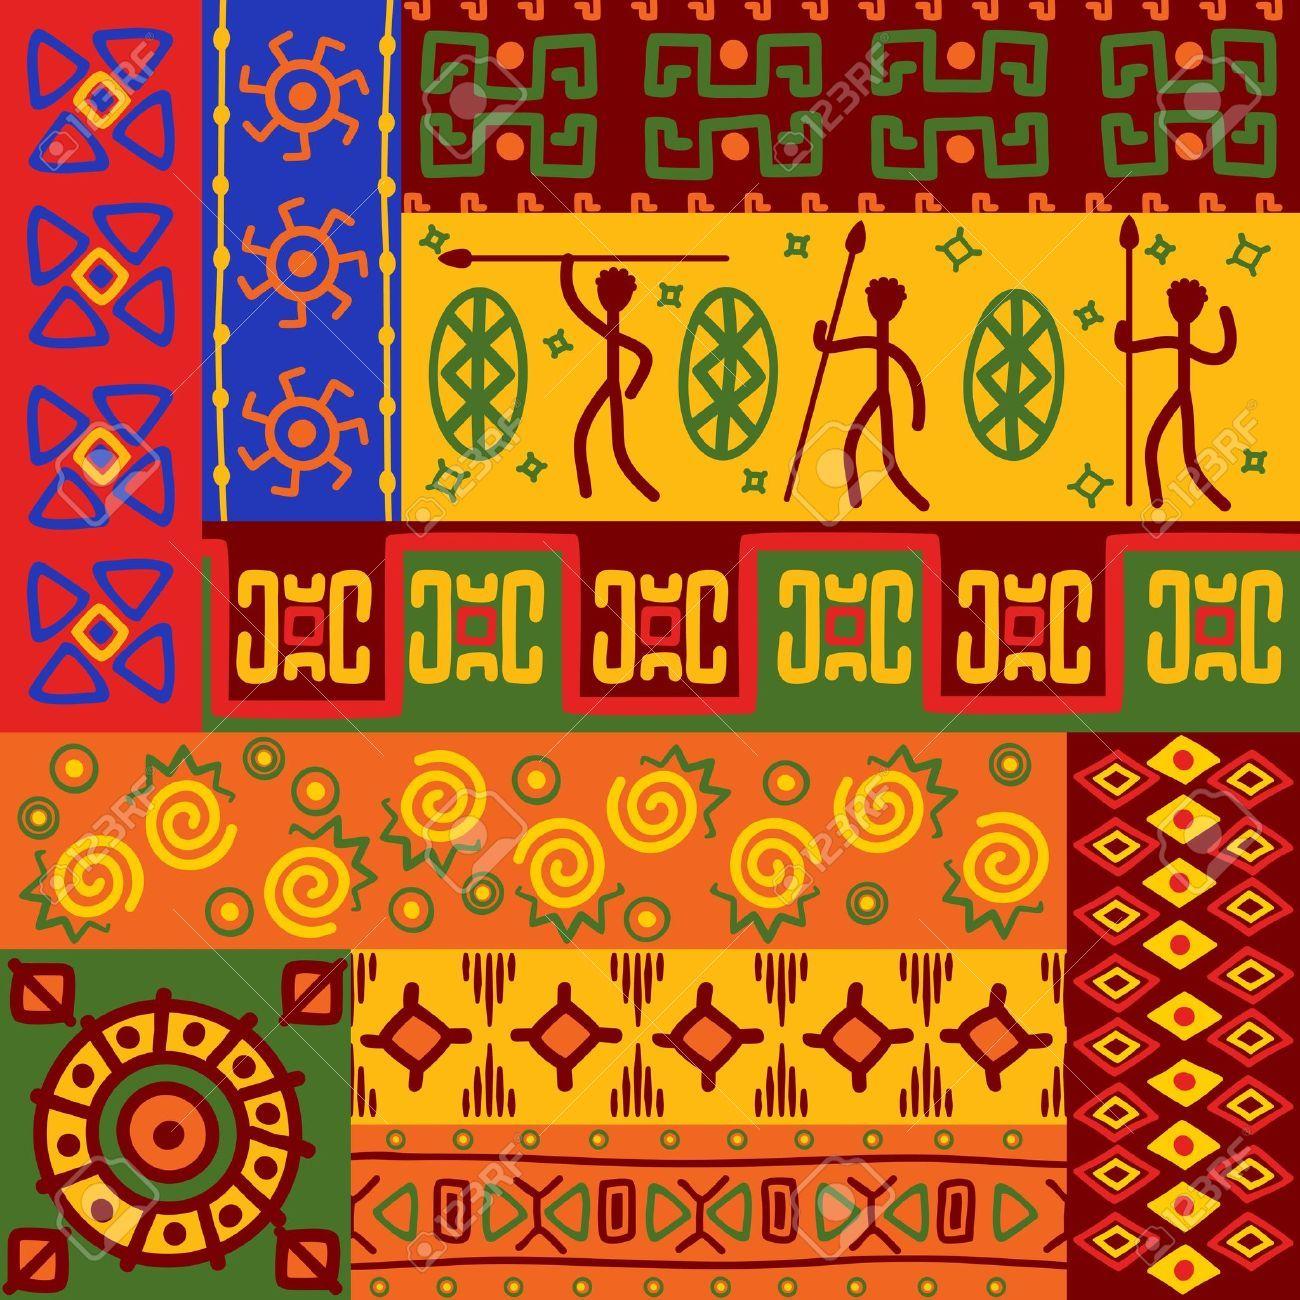 Zusammenfassung Afrikanischen Ethnischen Muster Und Ornamente Fur Design Ethnische Muster Afrikanische Muster Musterkunst